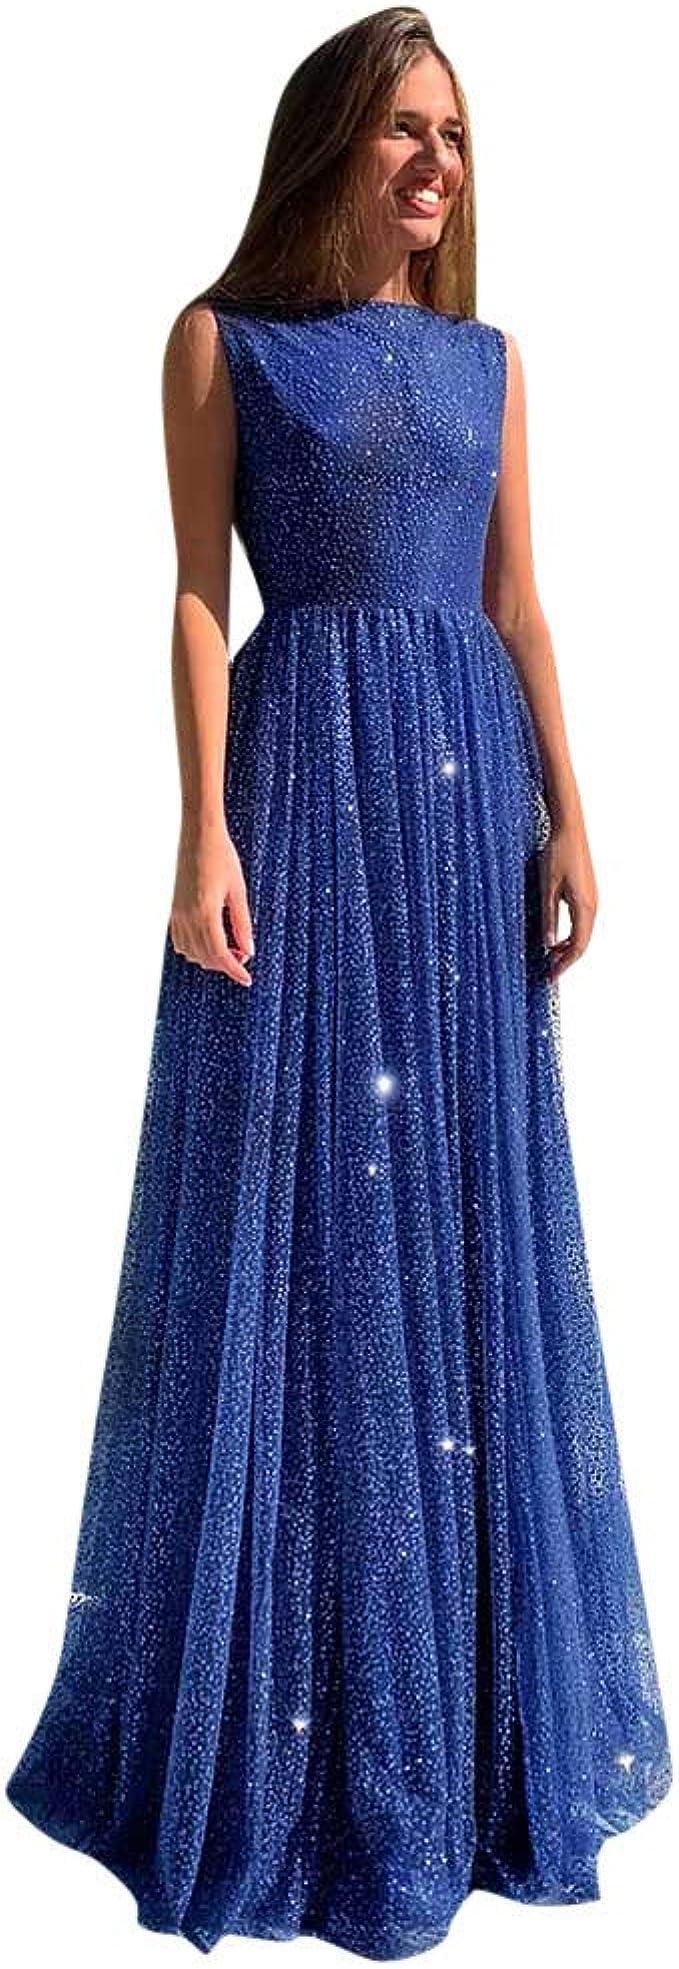 SHINEHUA Damen Blaues Kleid Glitter Lange Ballkleid Glitzer Kleid